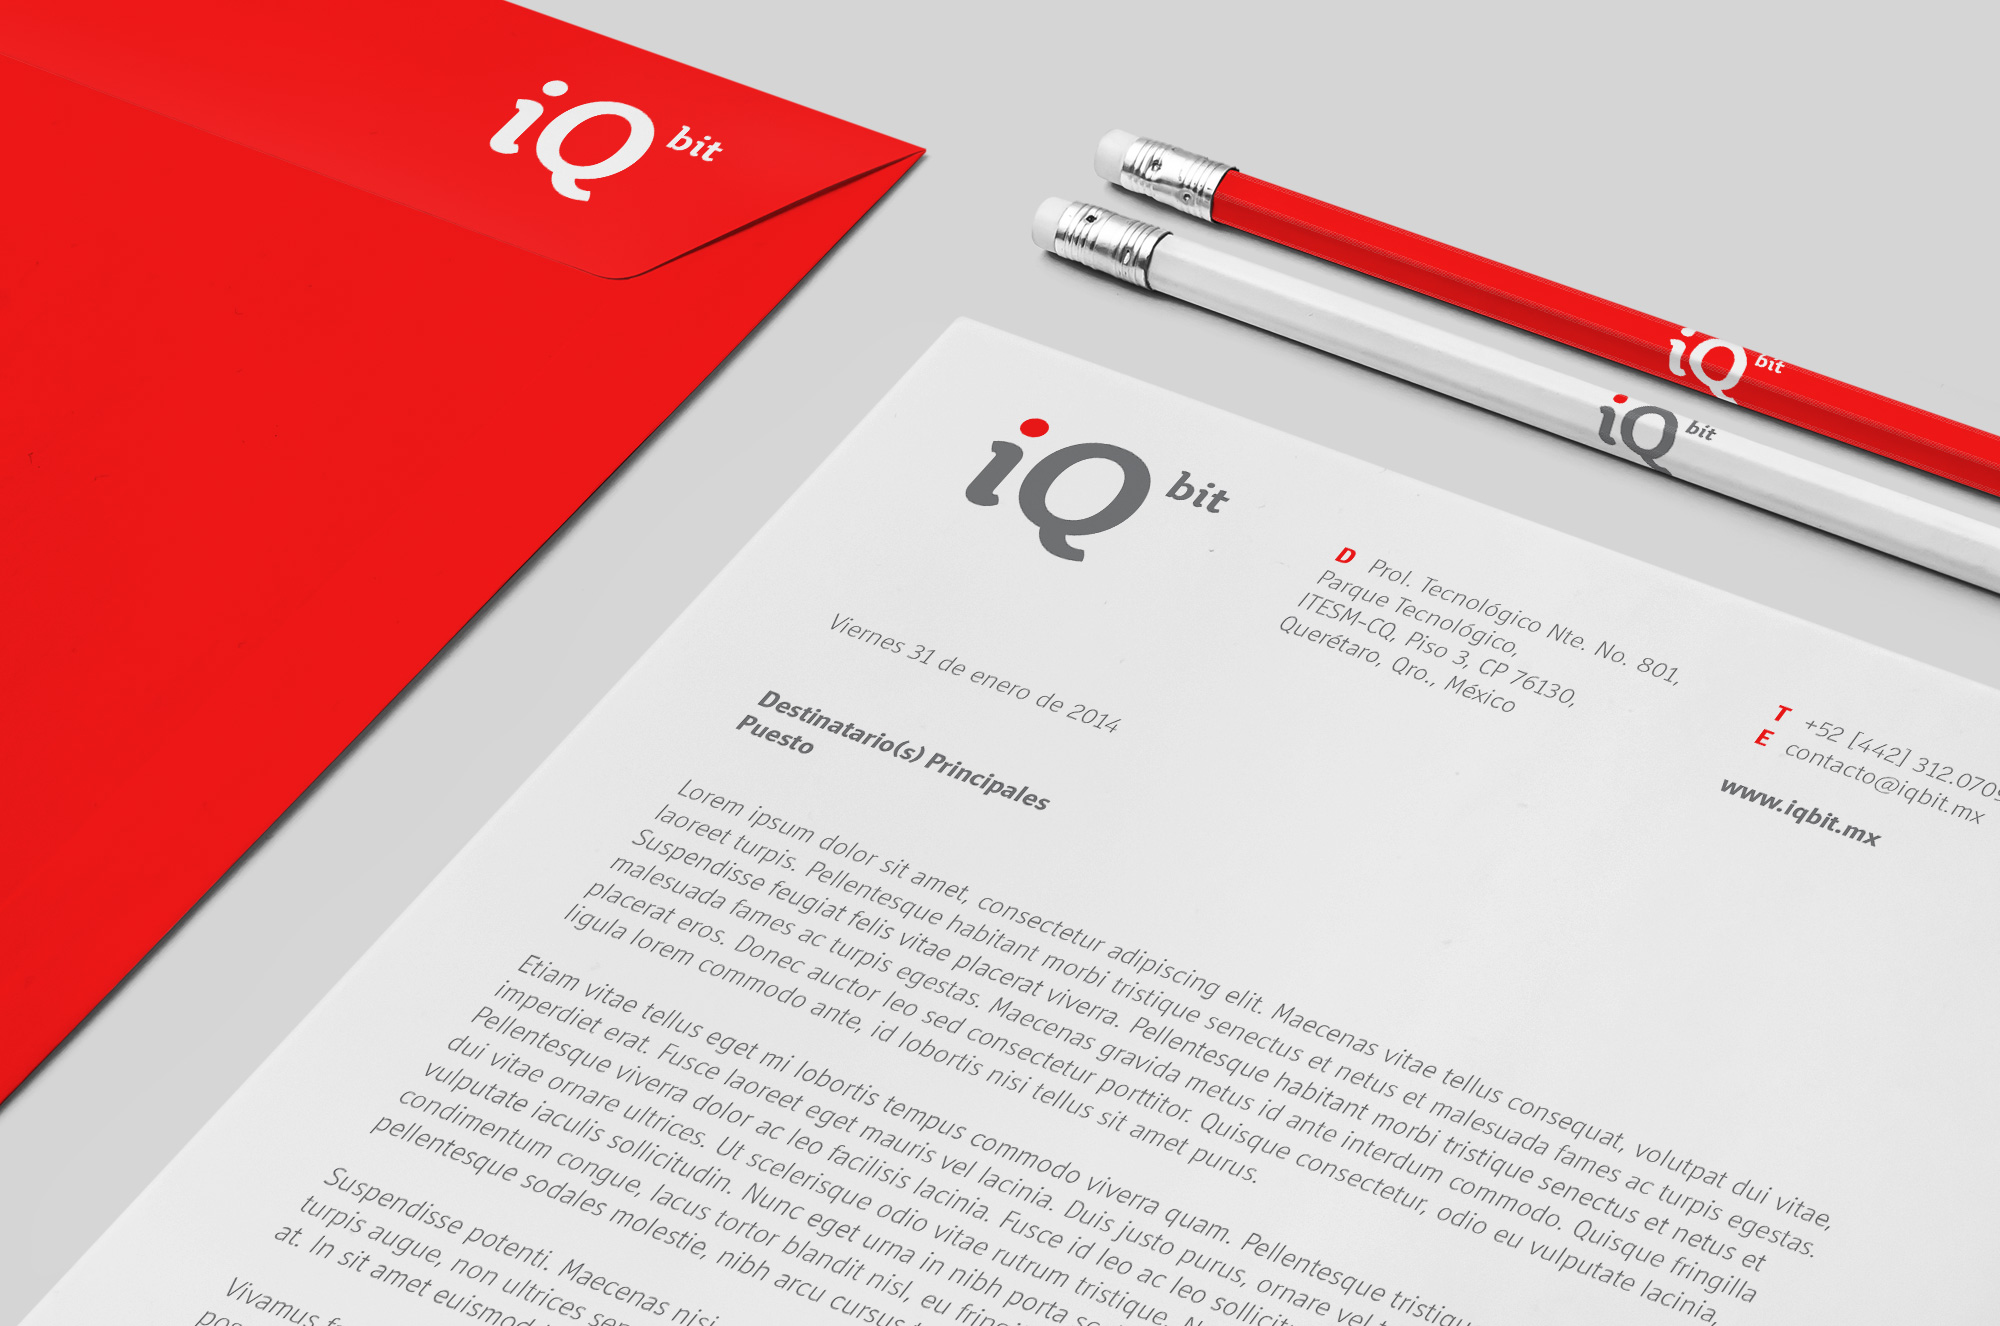 raniev-rod-alvarez-diseño-gráfico-queretaro-iqbit-1-letterhead